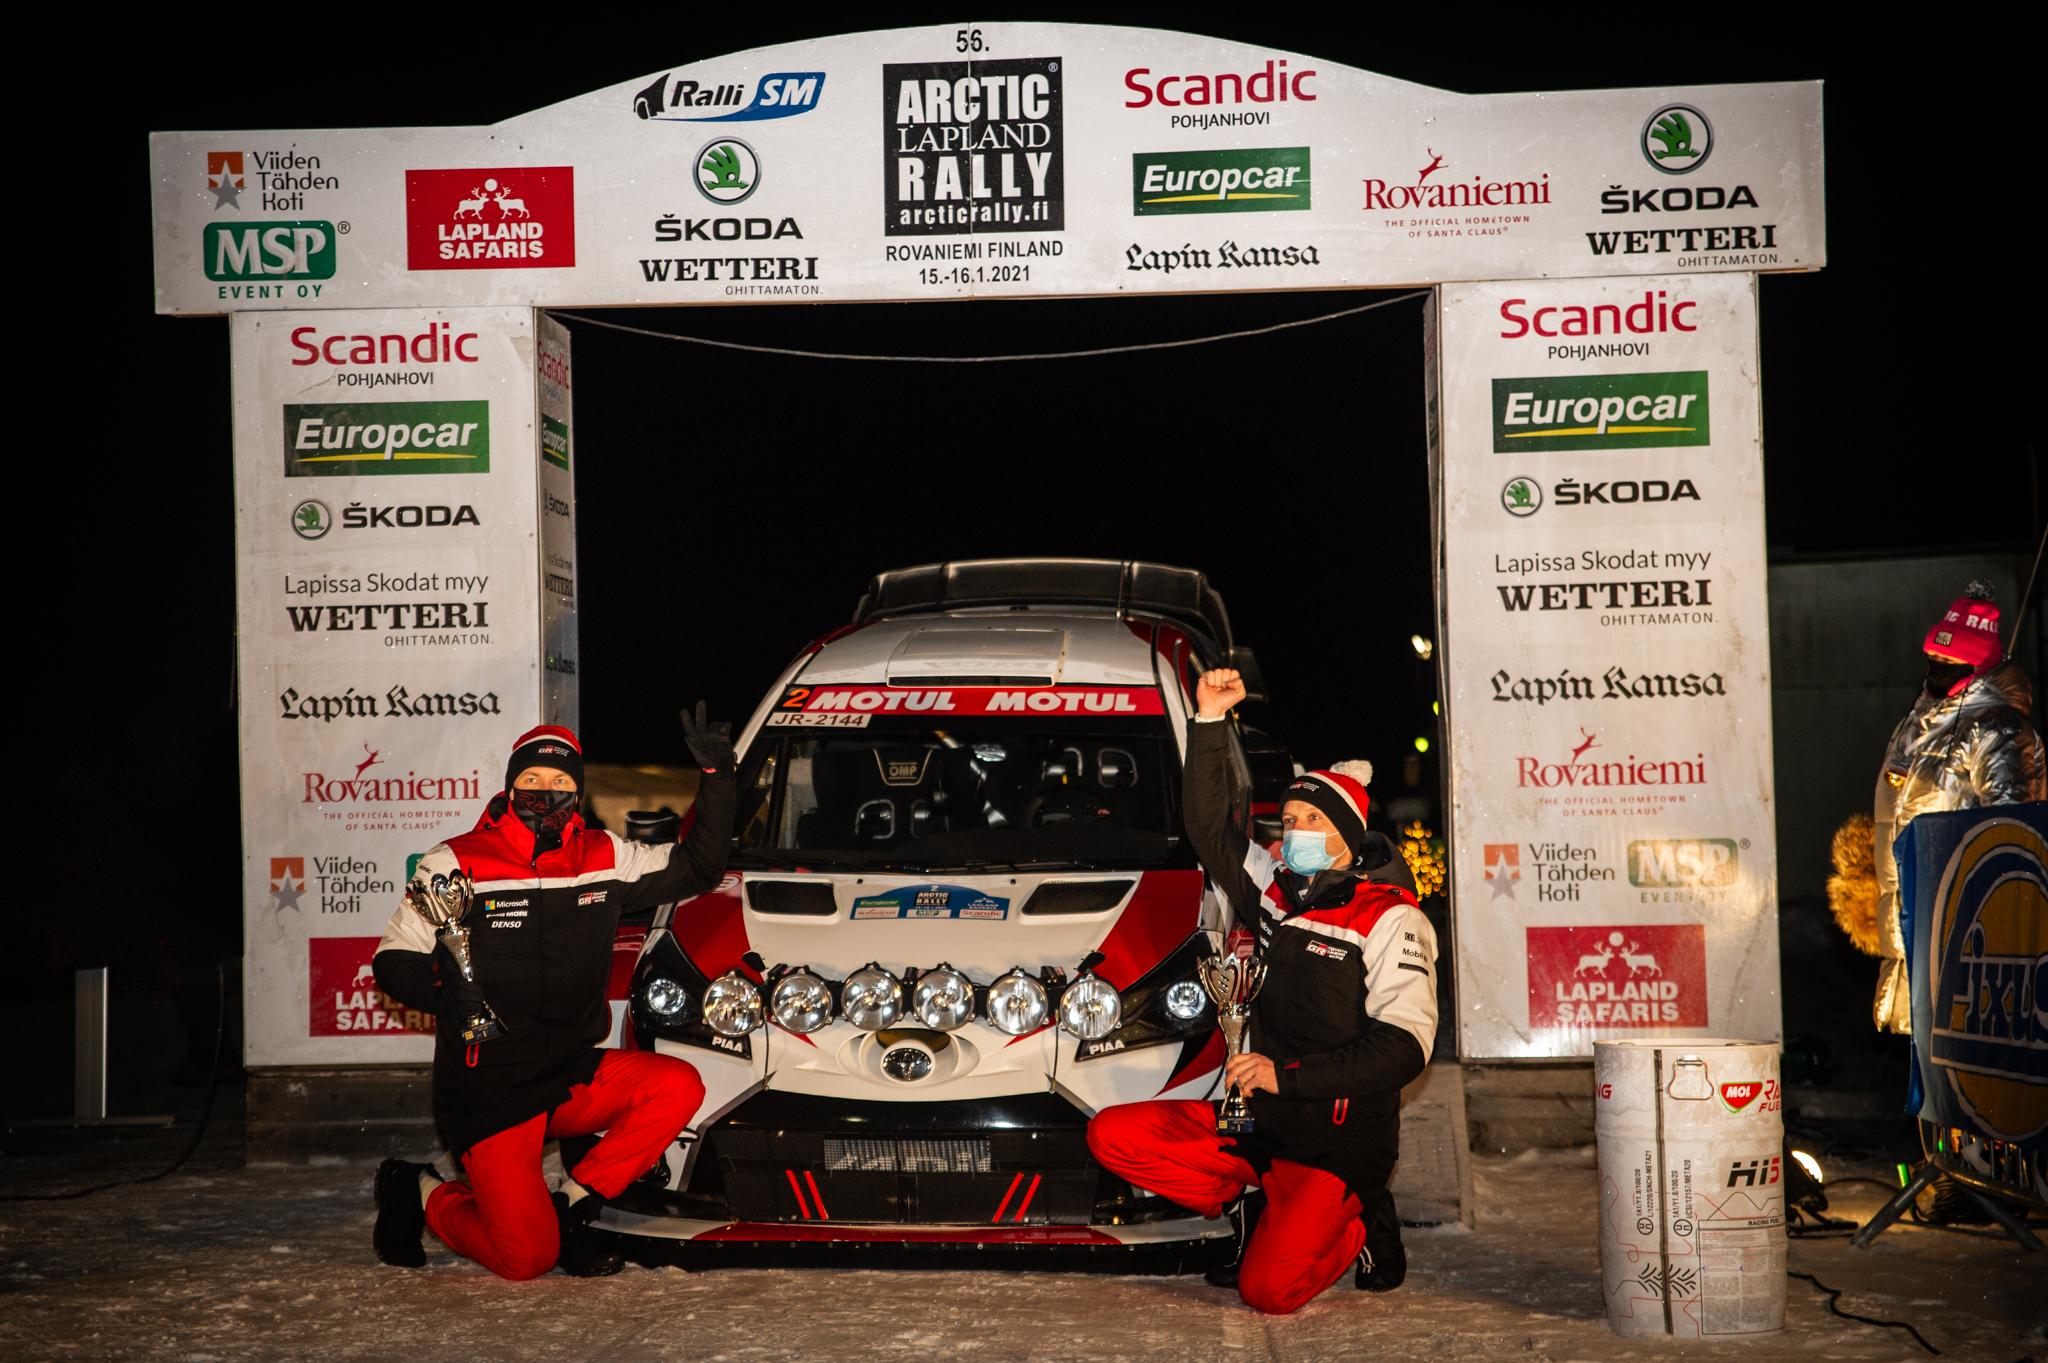 Juho Hänninen Taneli_Niinimaki Arctic Lapland Rally Rovaniemi Finland